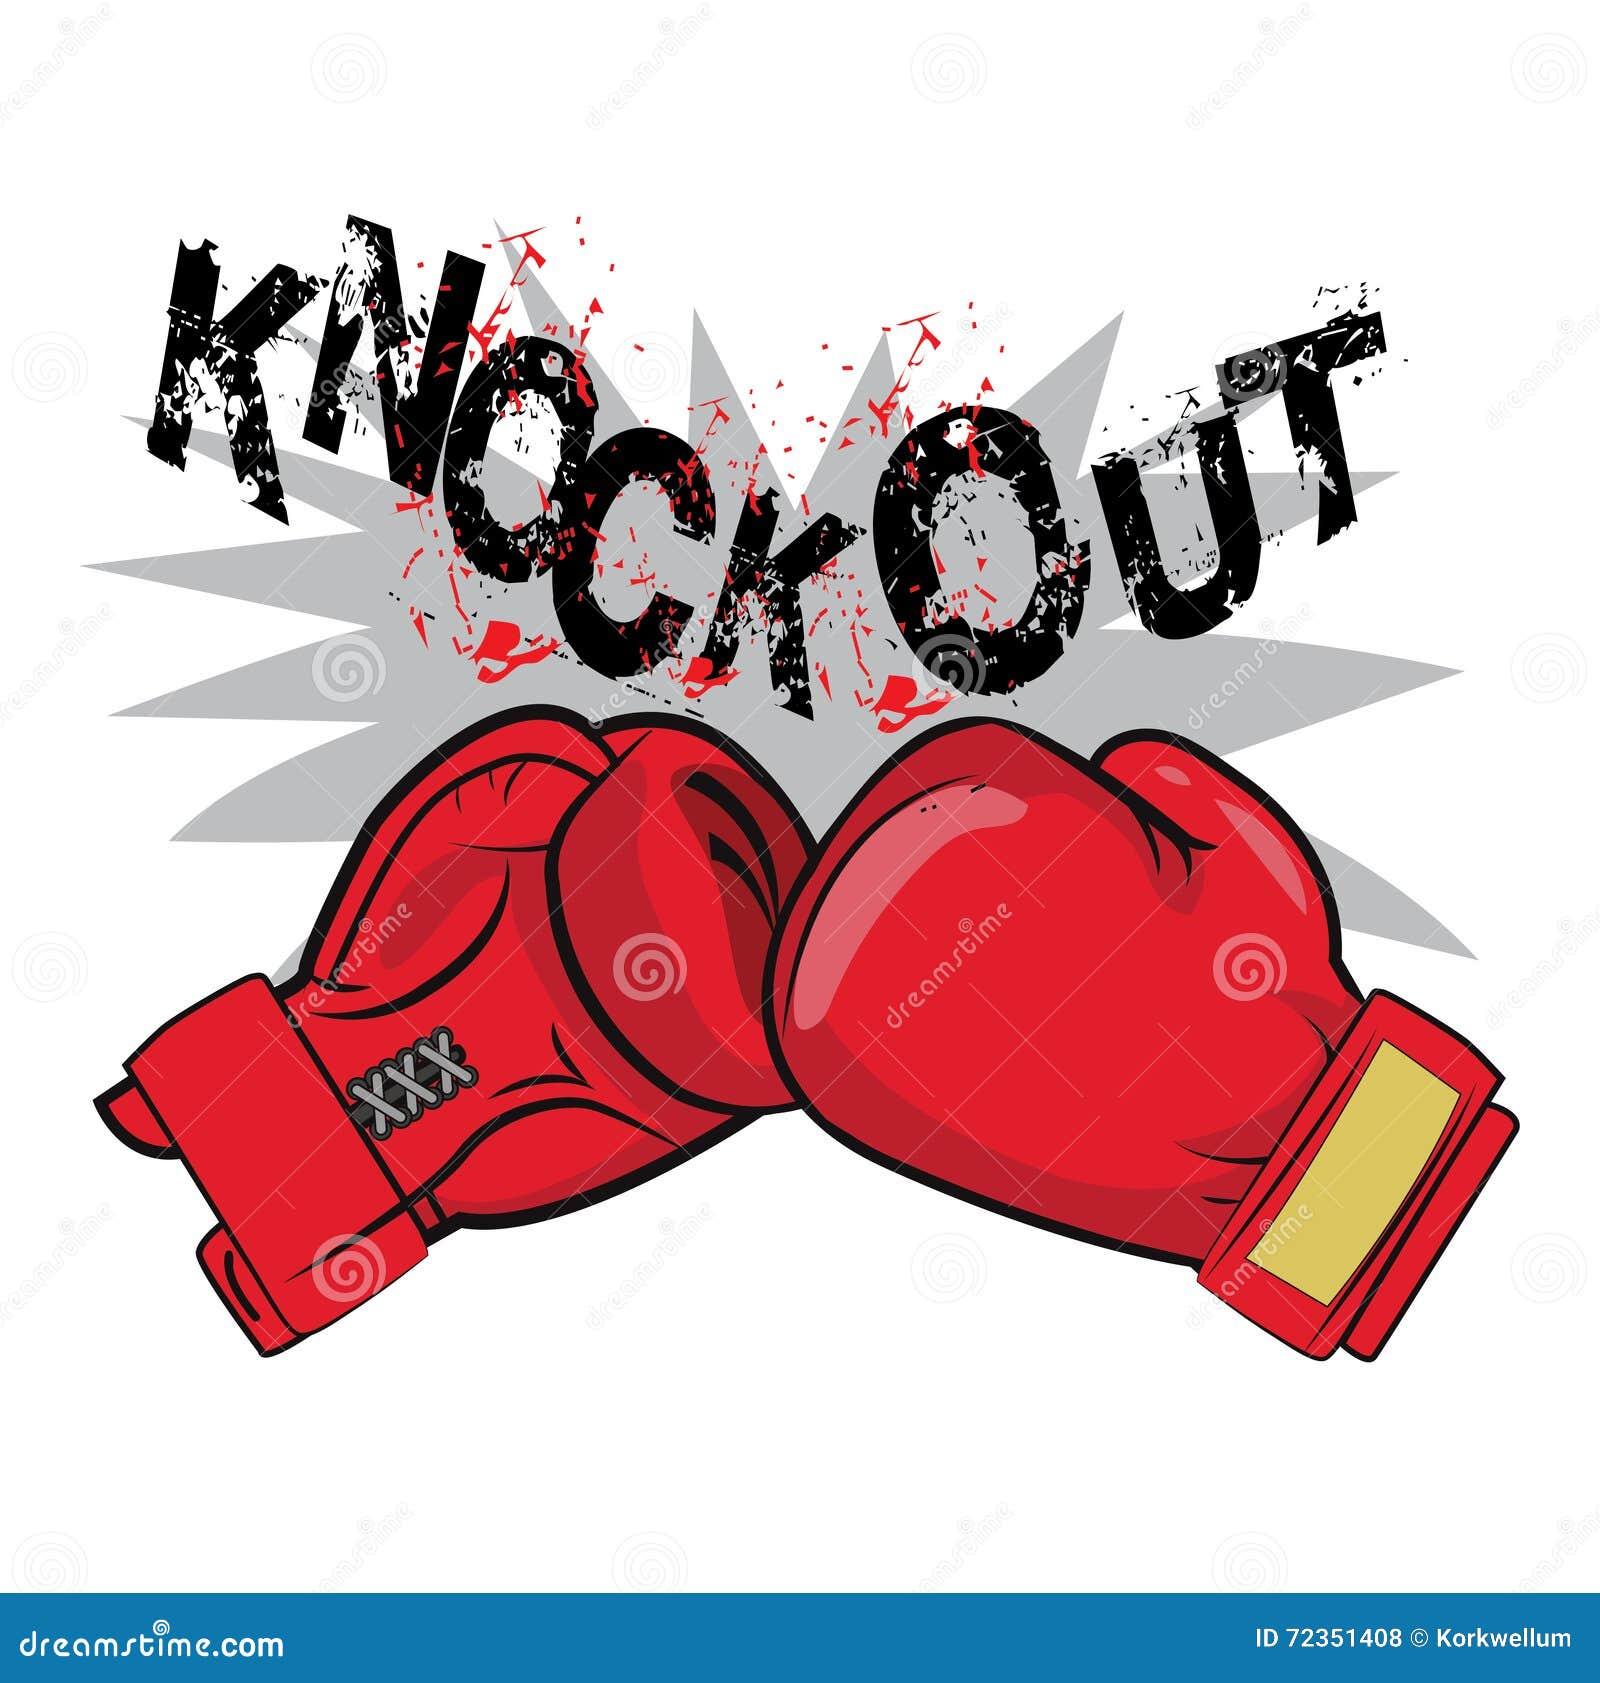 拳击手套和文本敲 拳击象征标签徽章t恤杉设计拳击战斗题材 人的拳击